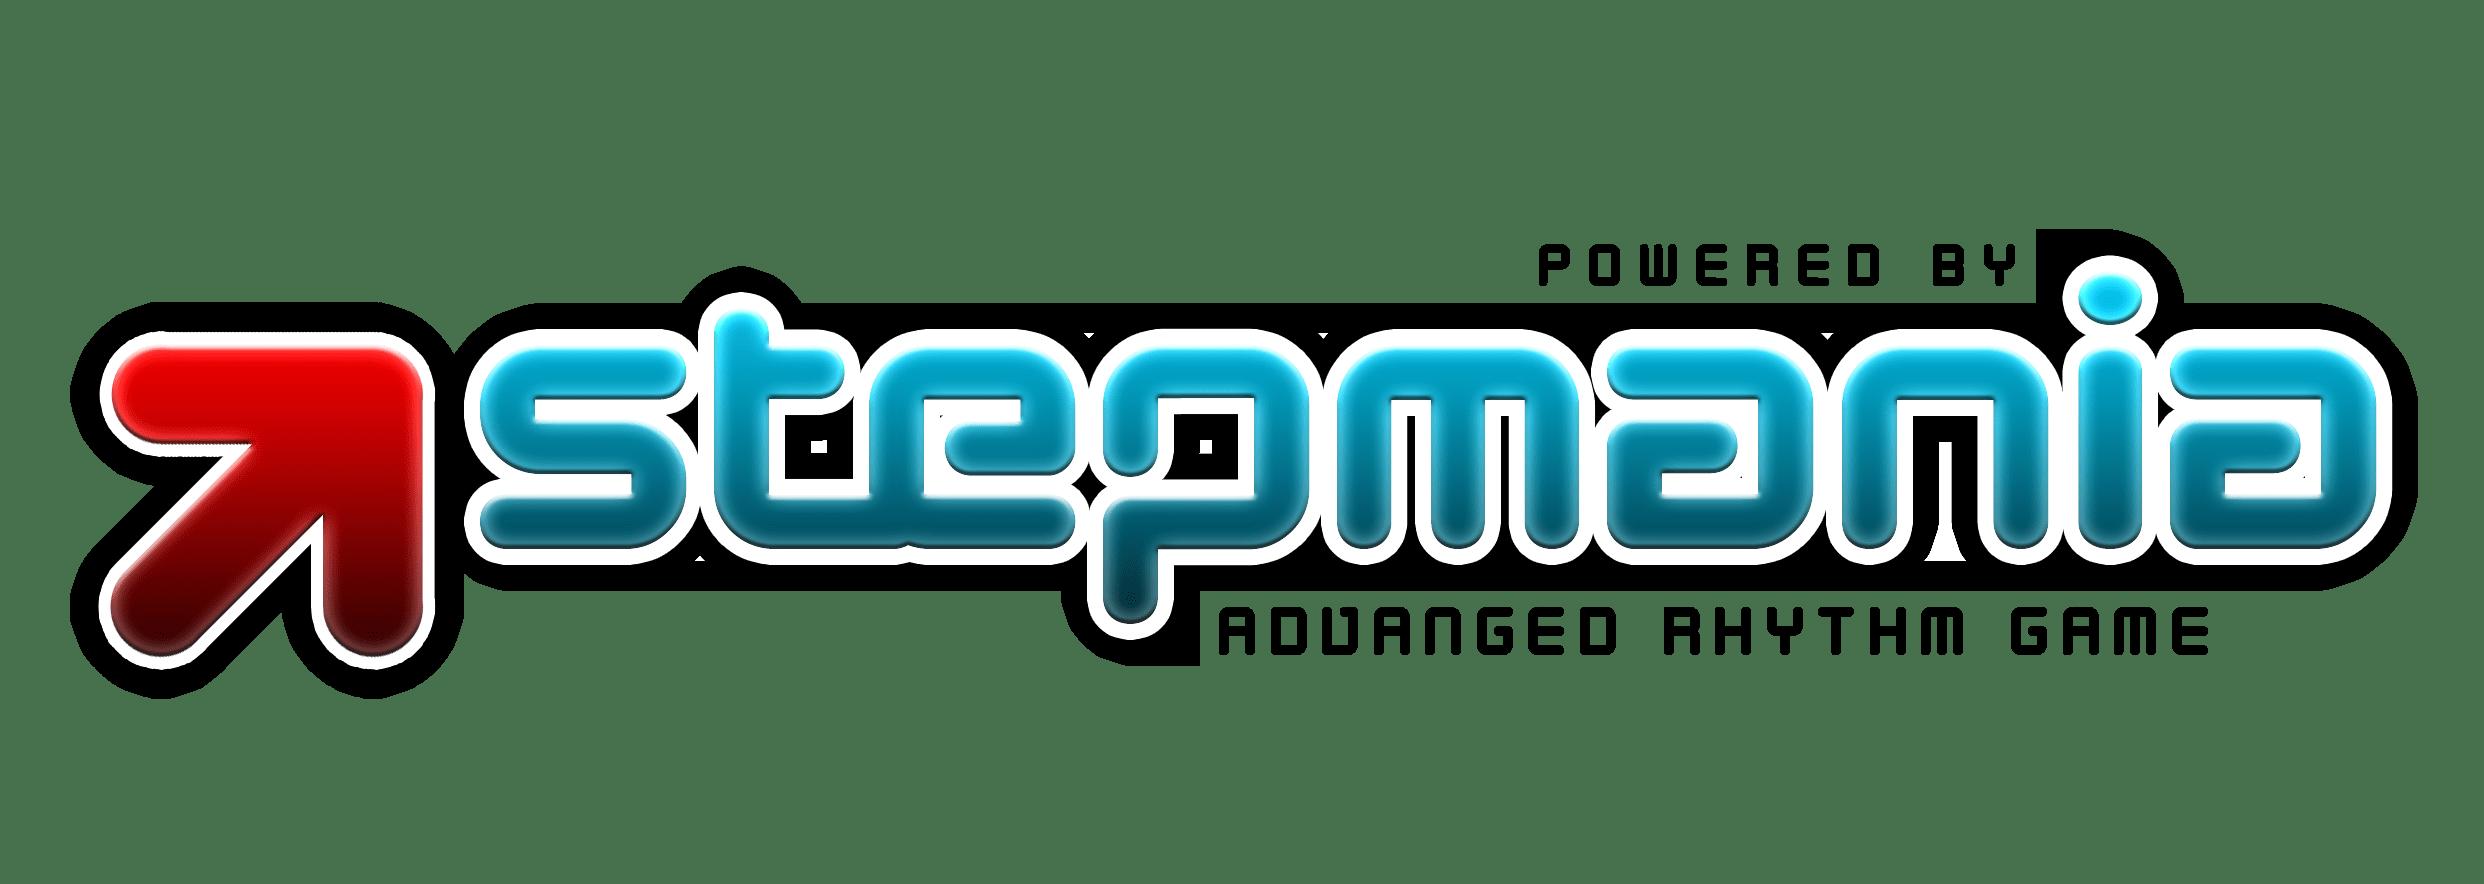 Community Fantreffen für Anime, Manga und Cosplay Fans 16